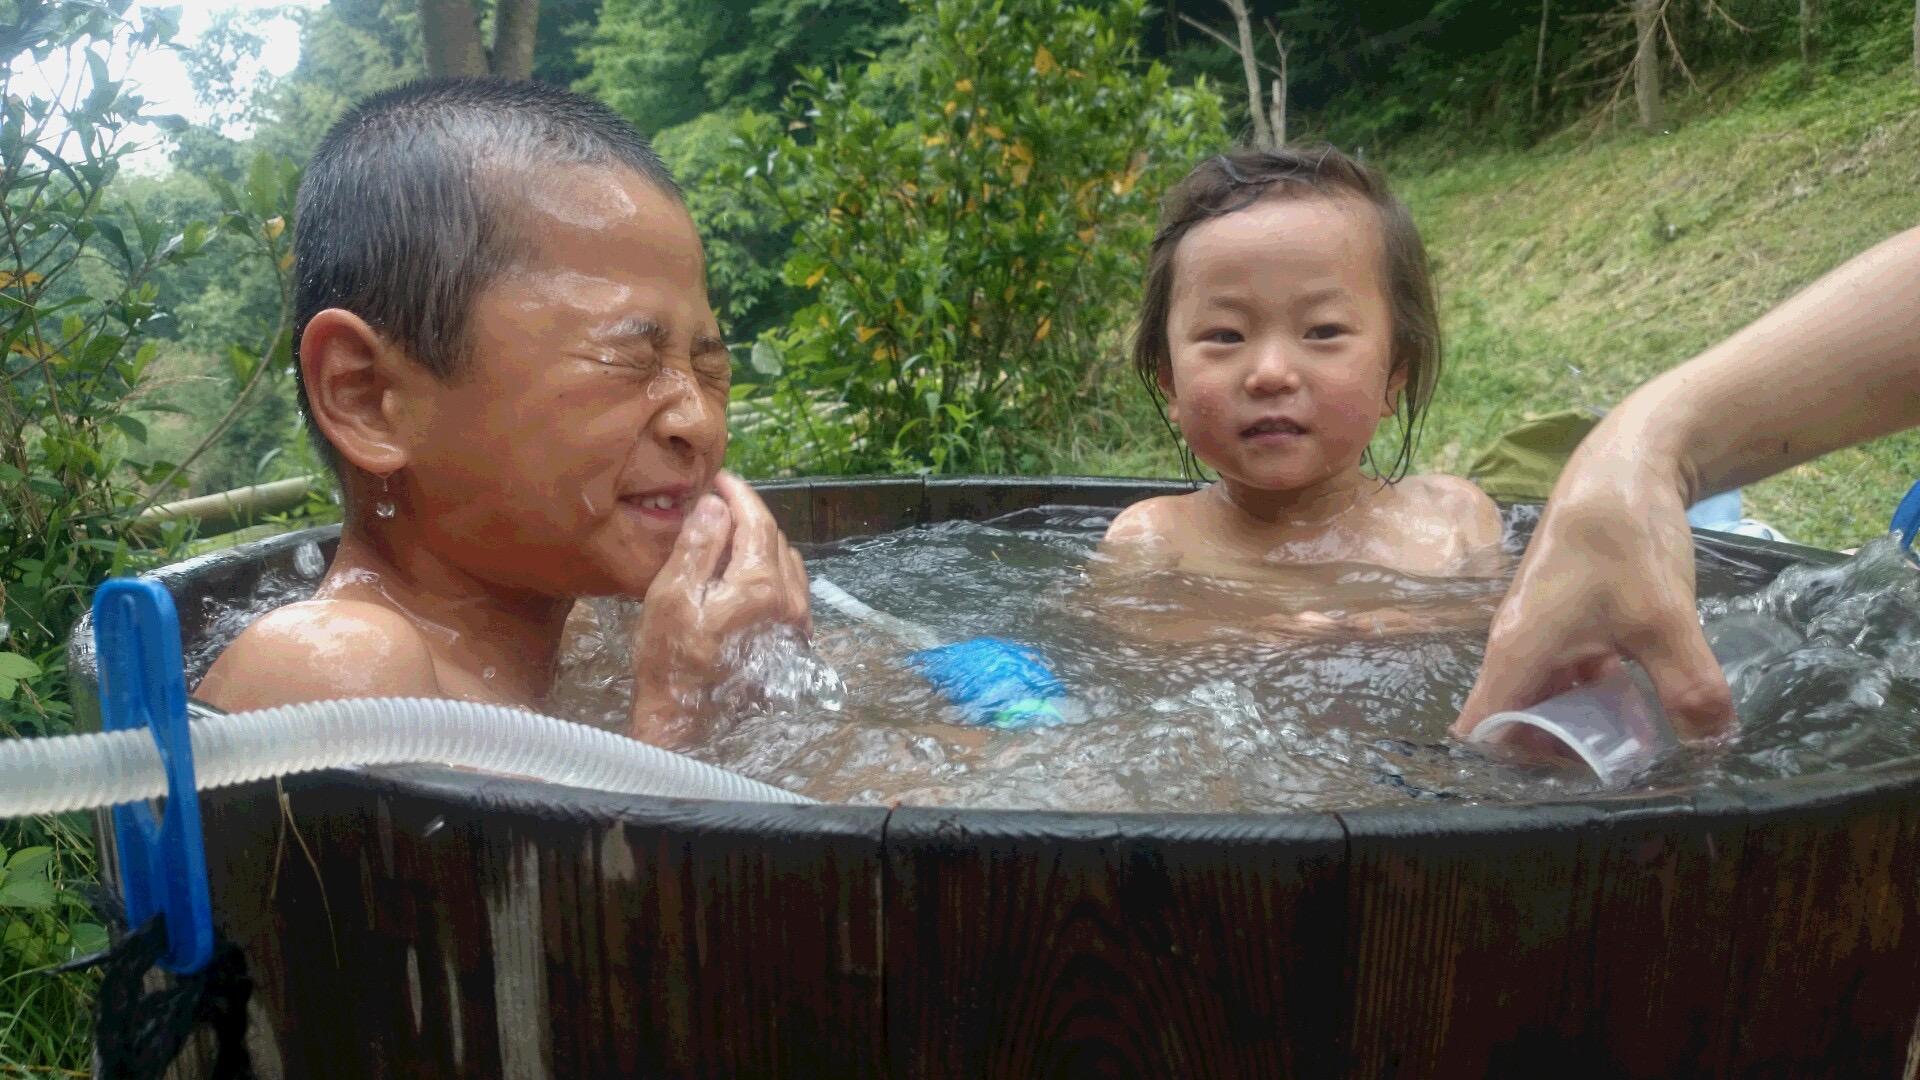 足湯のつもりが、まるで露天風呂♨